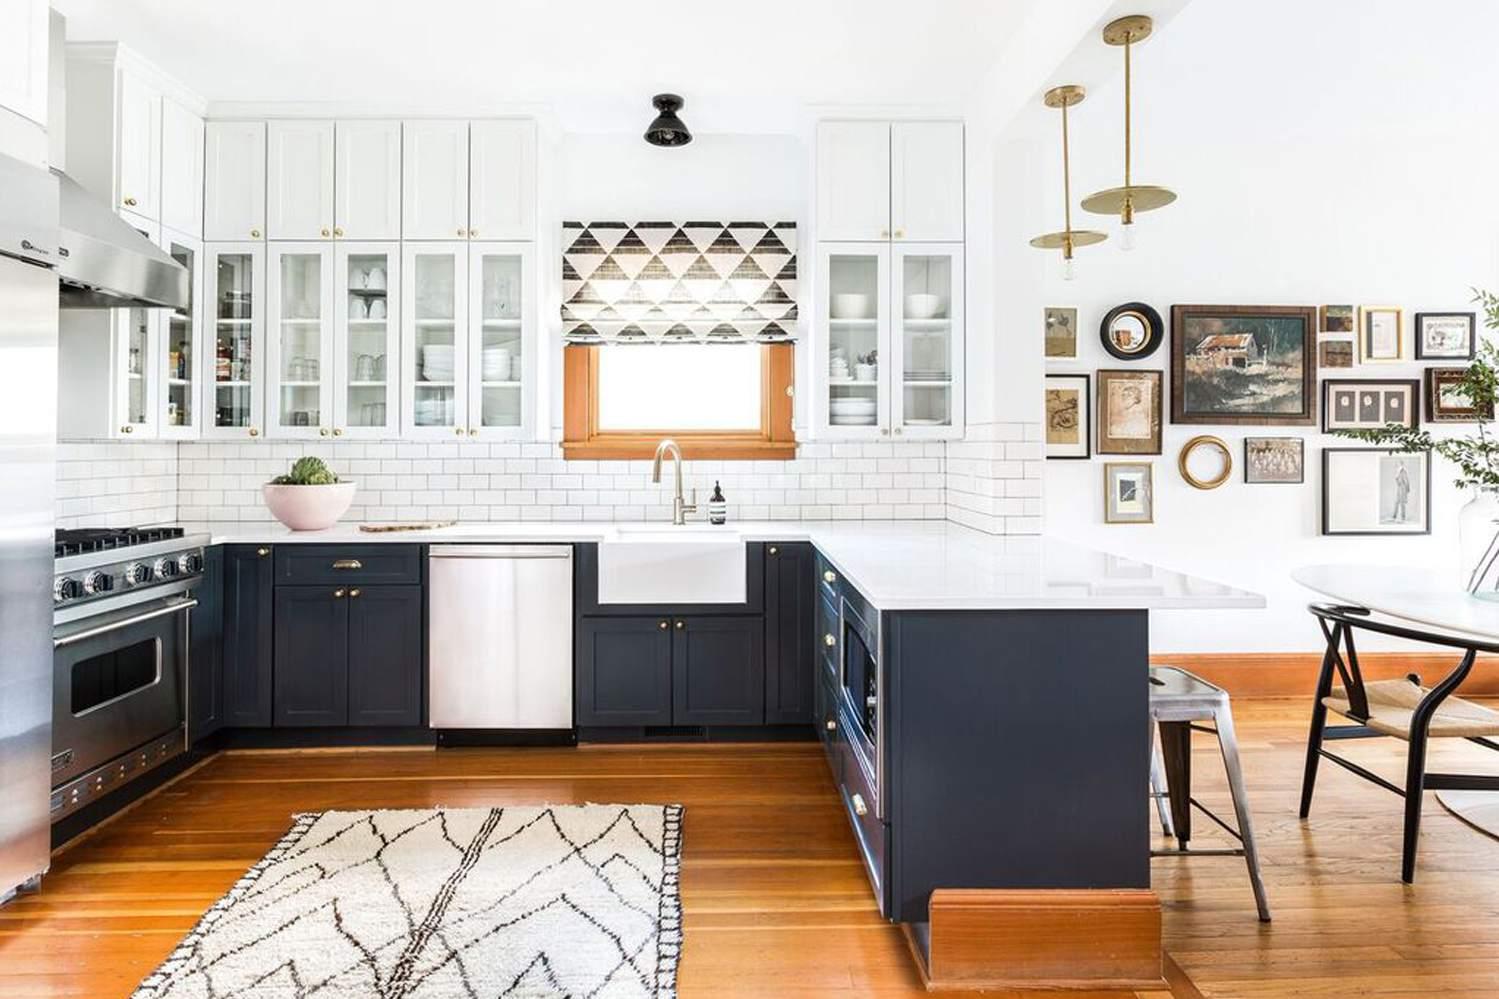 Shaker style farmhouse kitchen